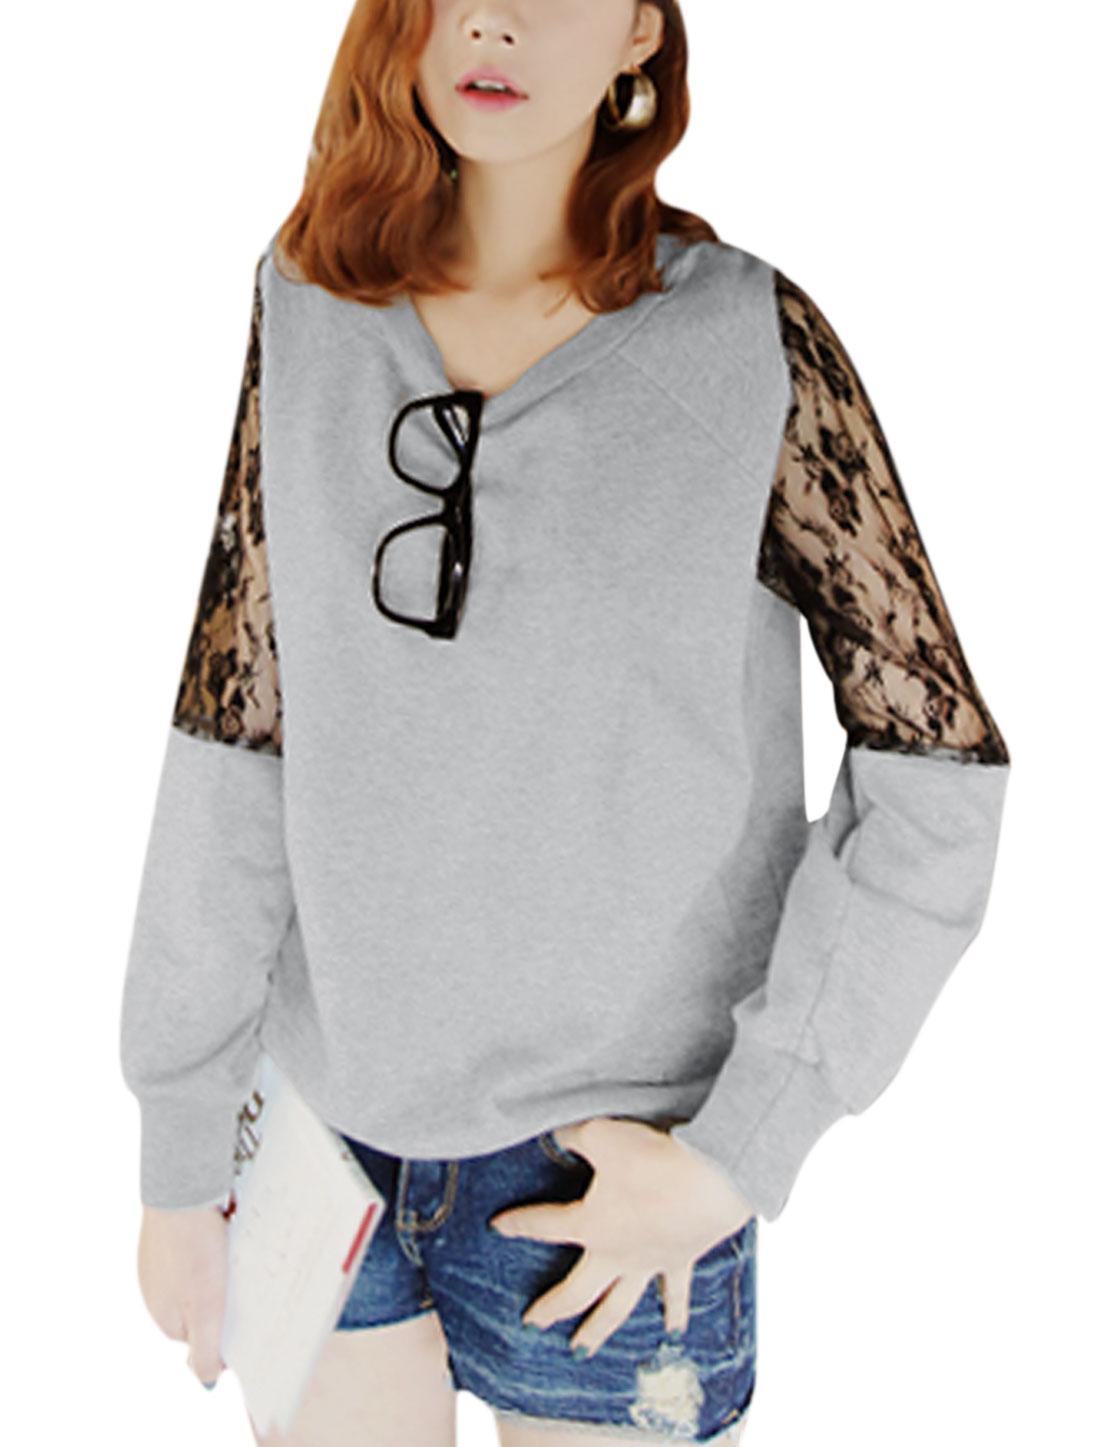 Ladies Pullover Semi Sheer Lace Spliced Sleeves Gray Sweatshirt S